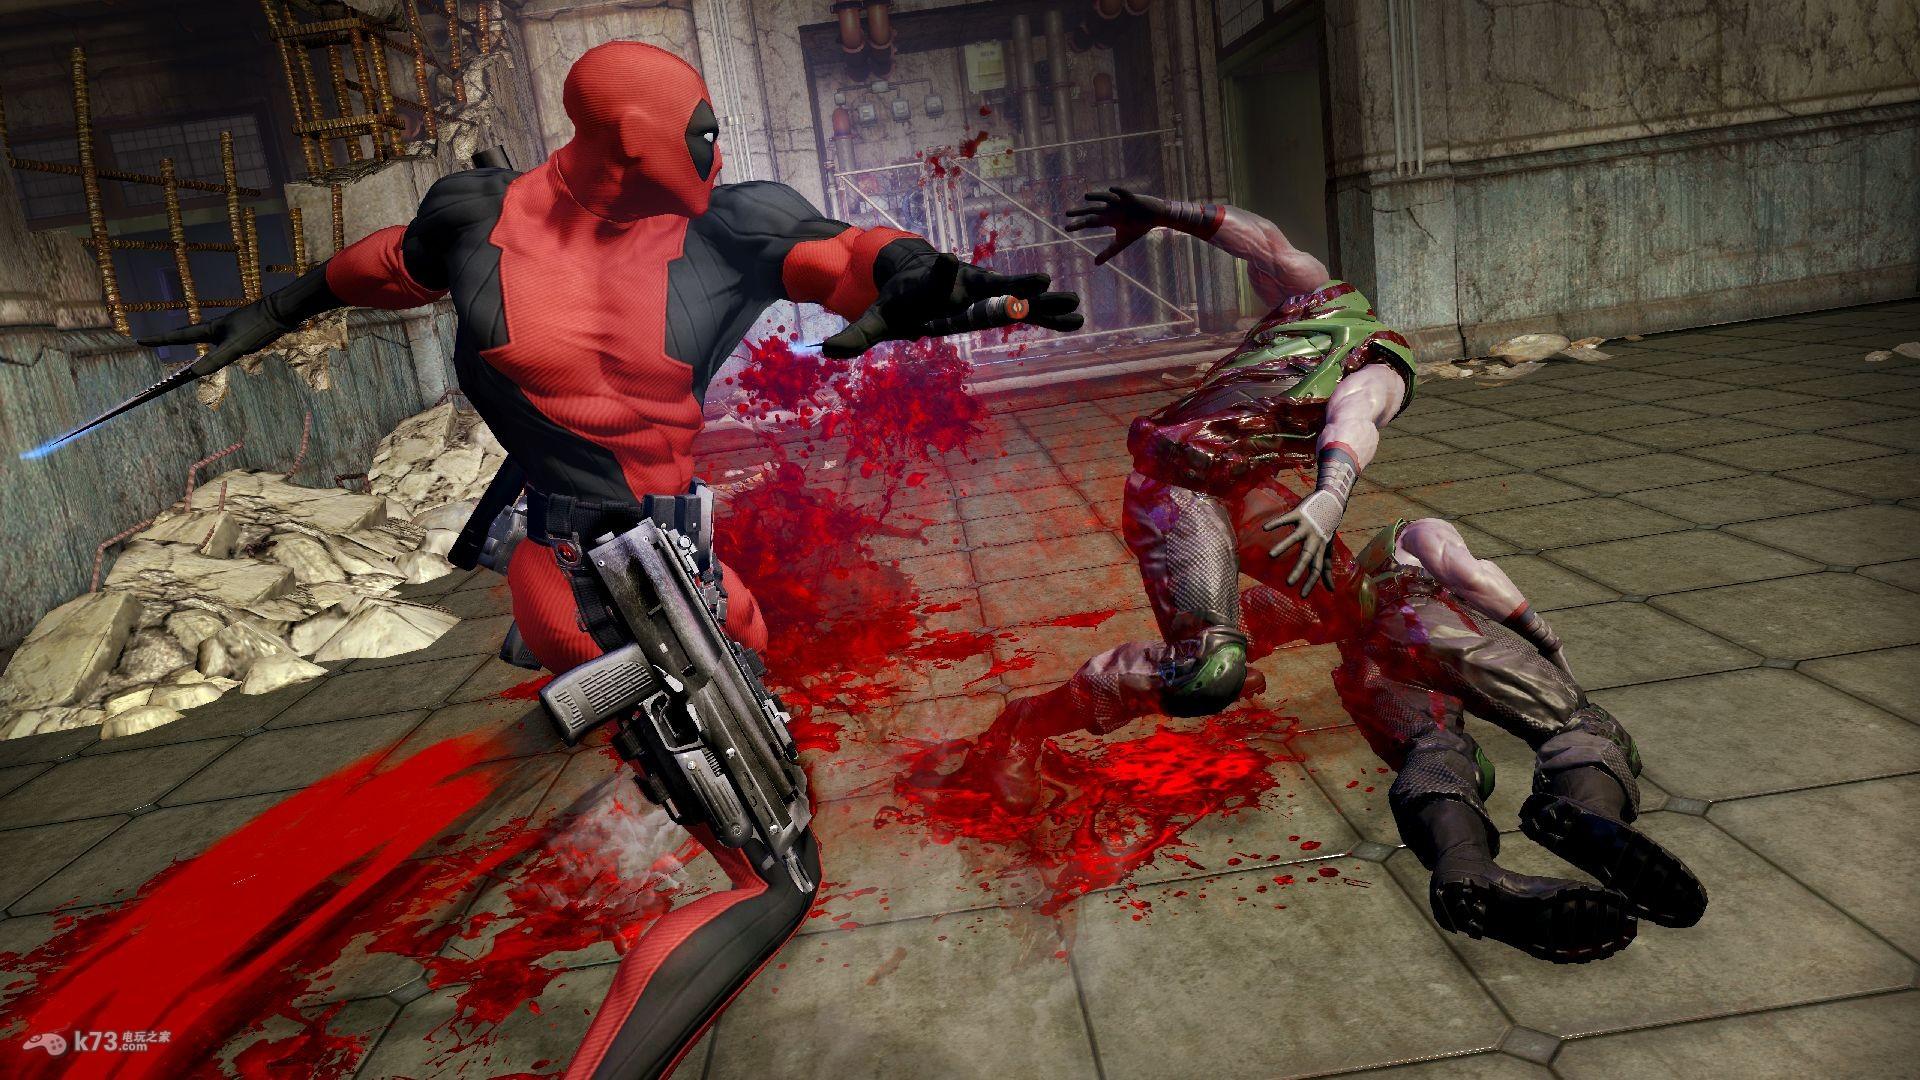 死侍Deadpool新角色及场景原画截图:血腥暴力有木有! _k73电玩之家